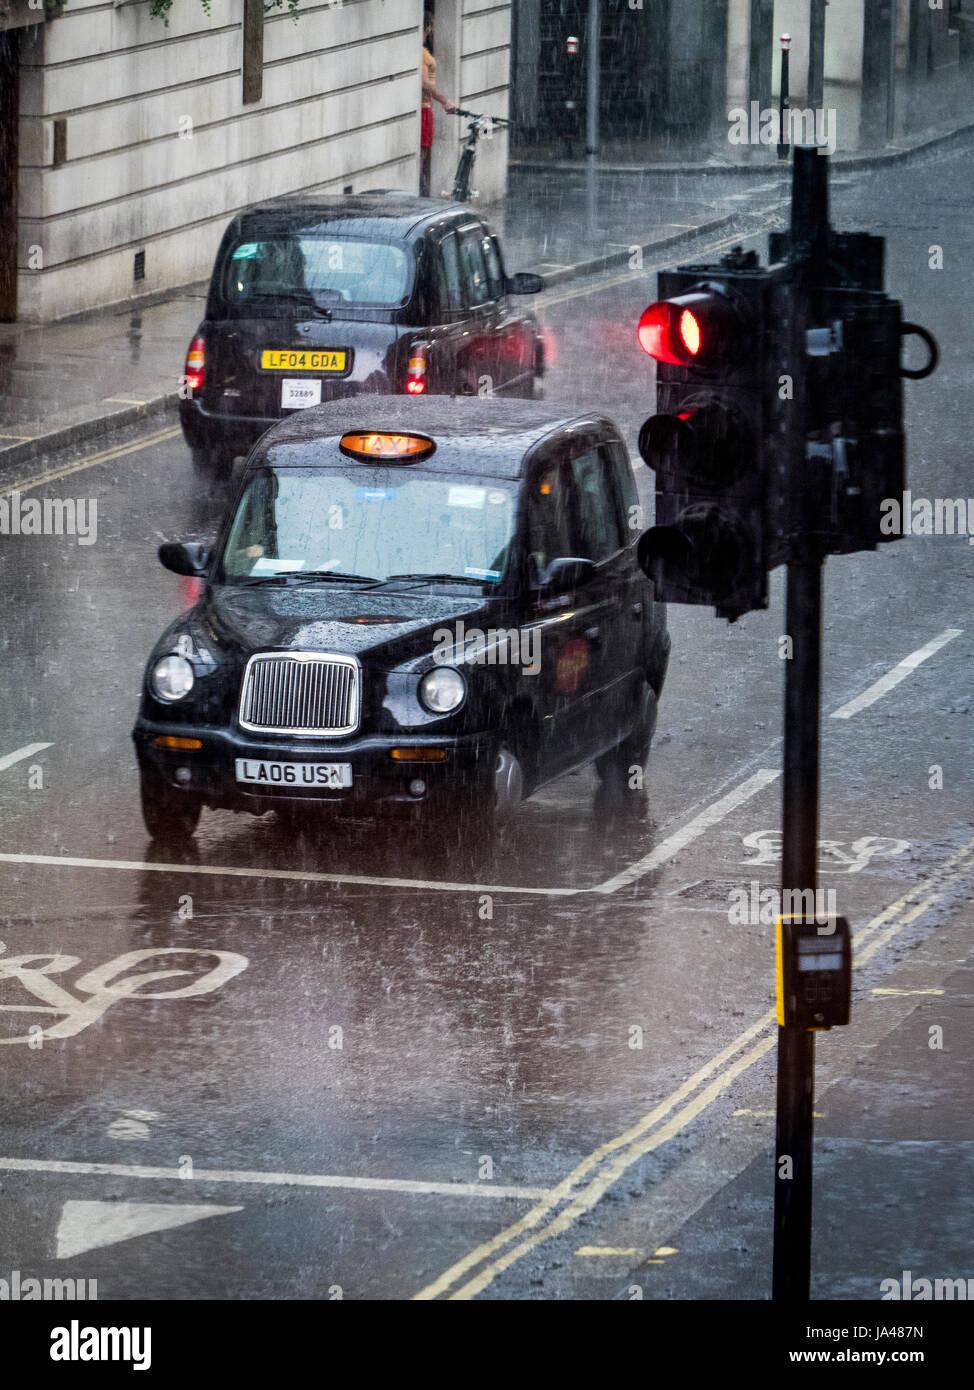 London taxi taxi negro se detiene en un semáforo en un chubasco Imagen De Stock